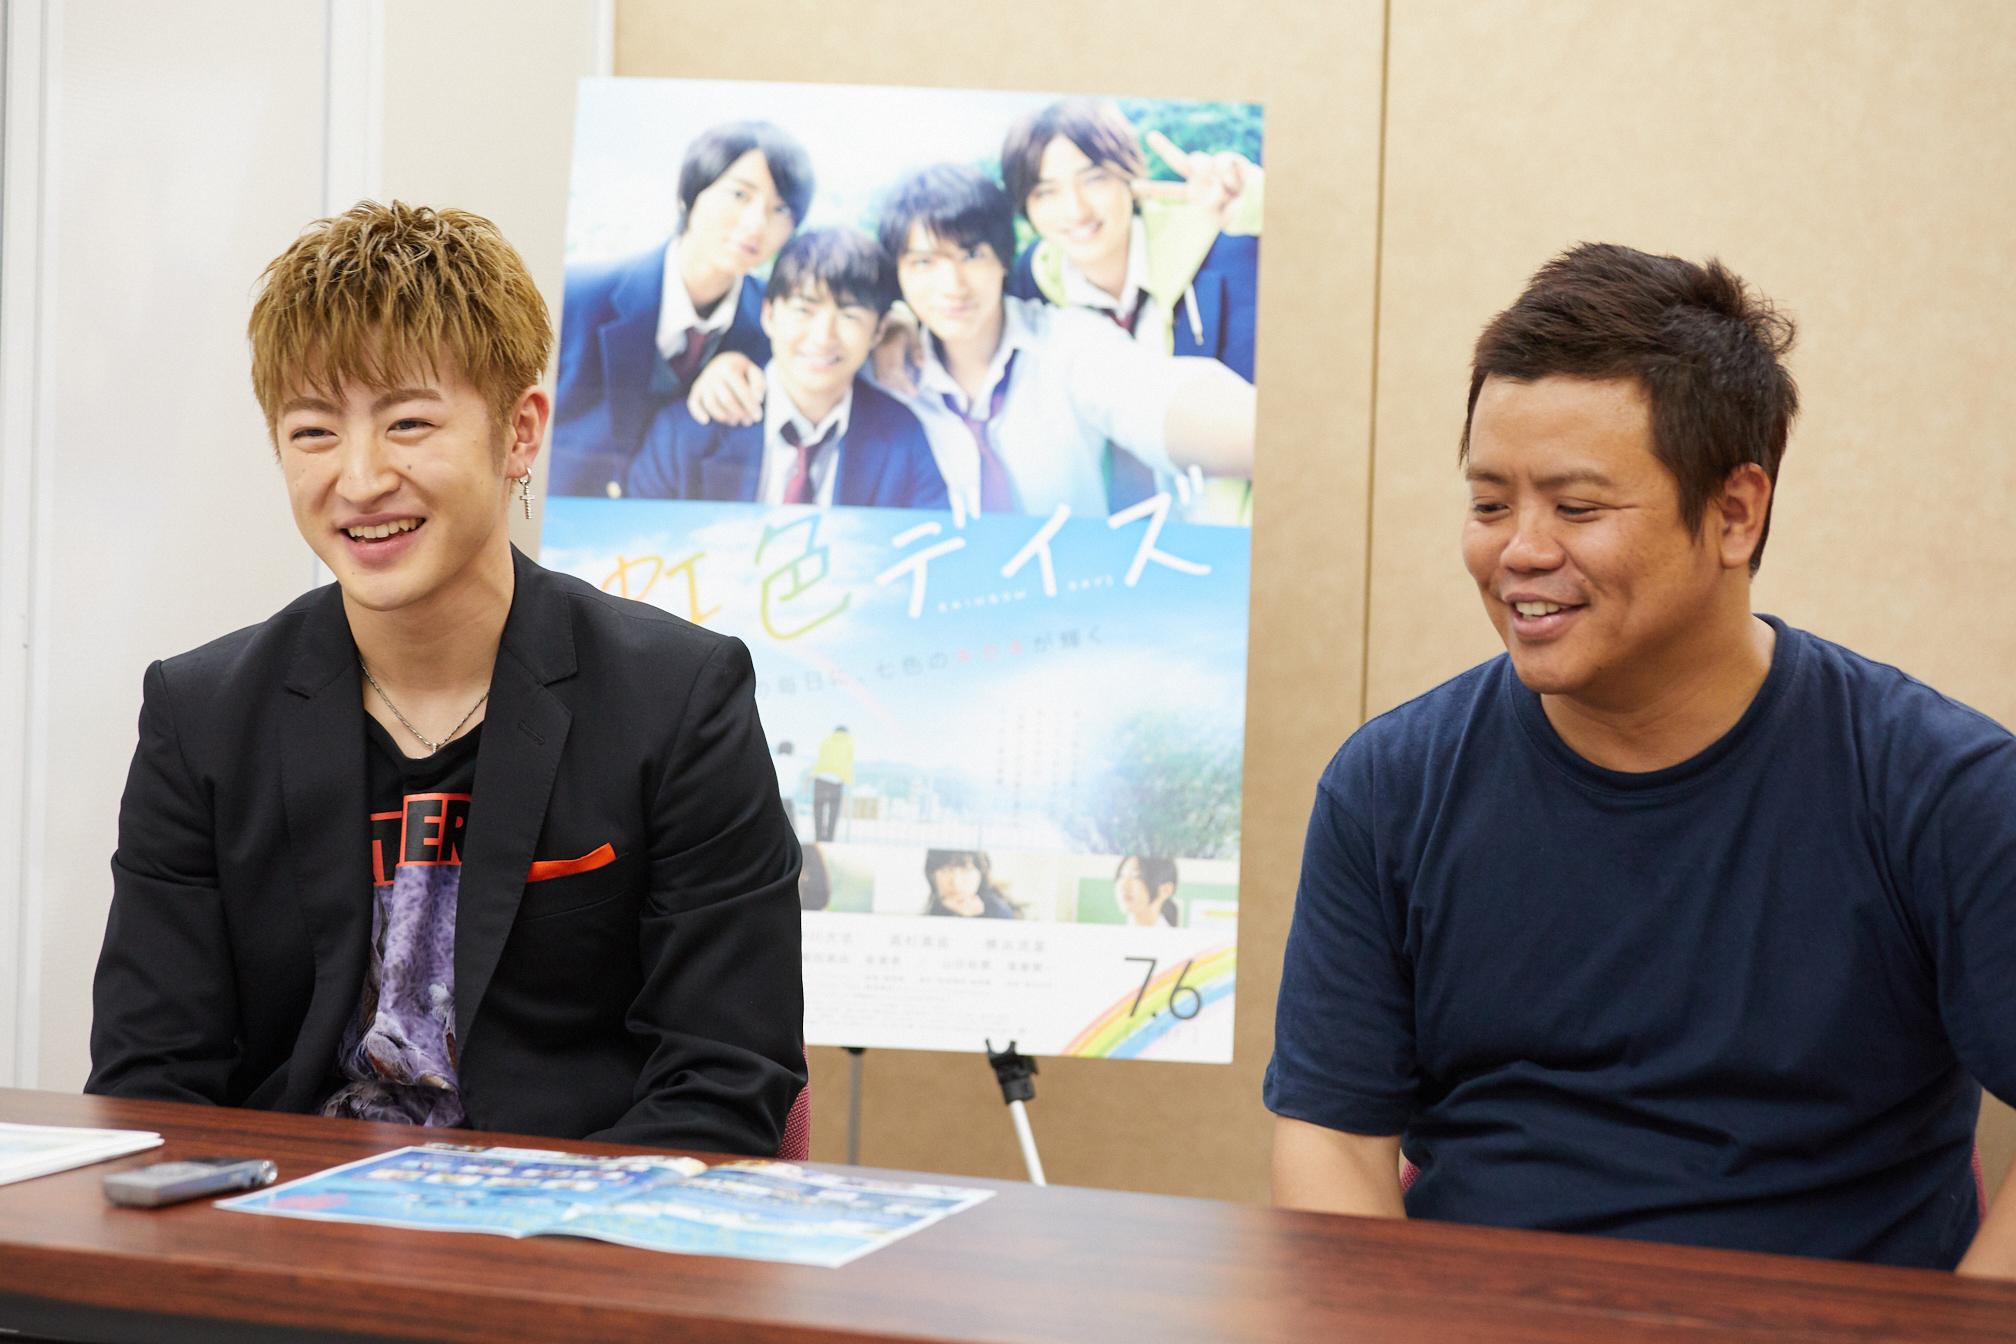 左から、佐野玲於、飯塚健監督 撮影=岩間辰徳